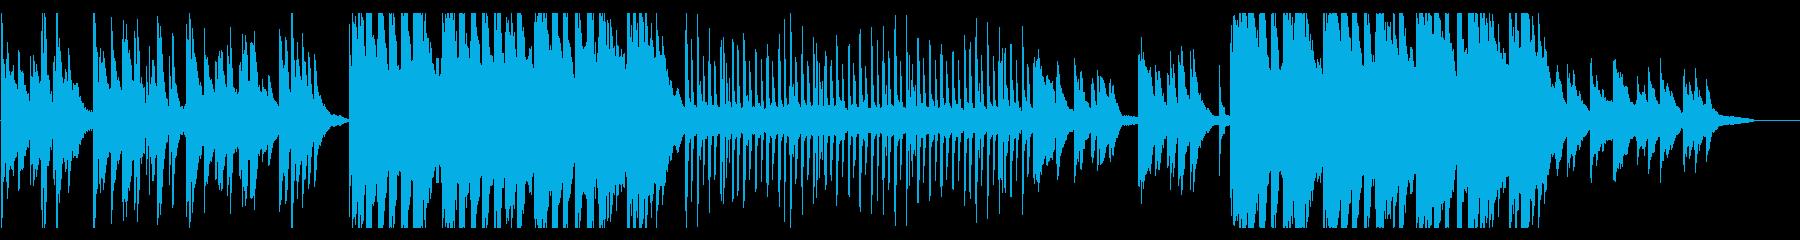 切なさと温かみを感じる和風ピアノBGMの再生済みの波形